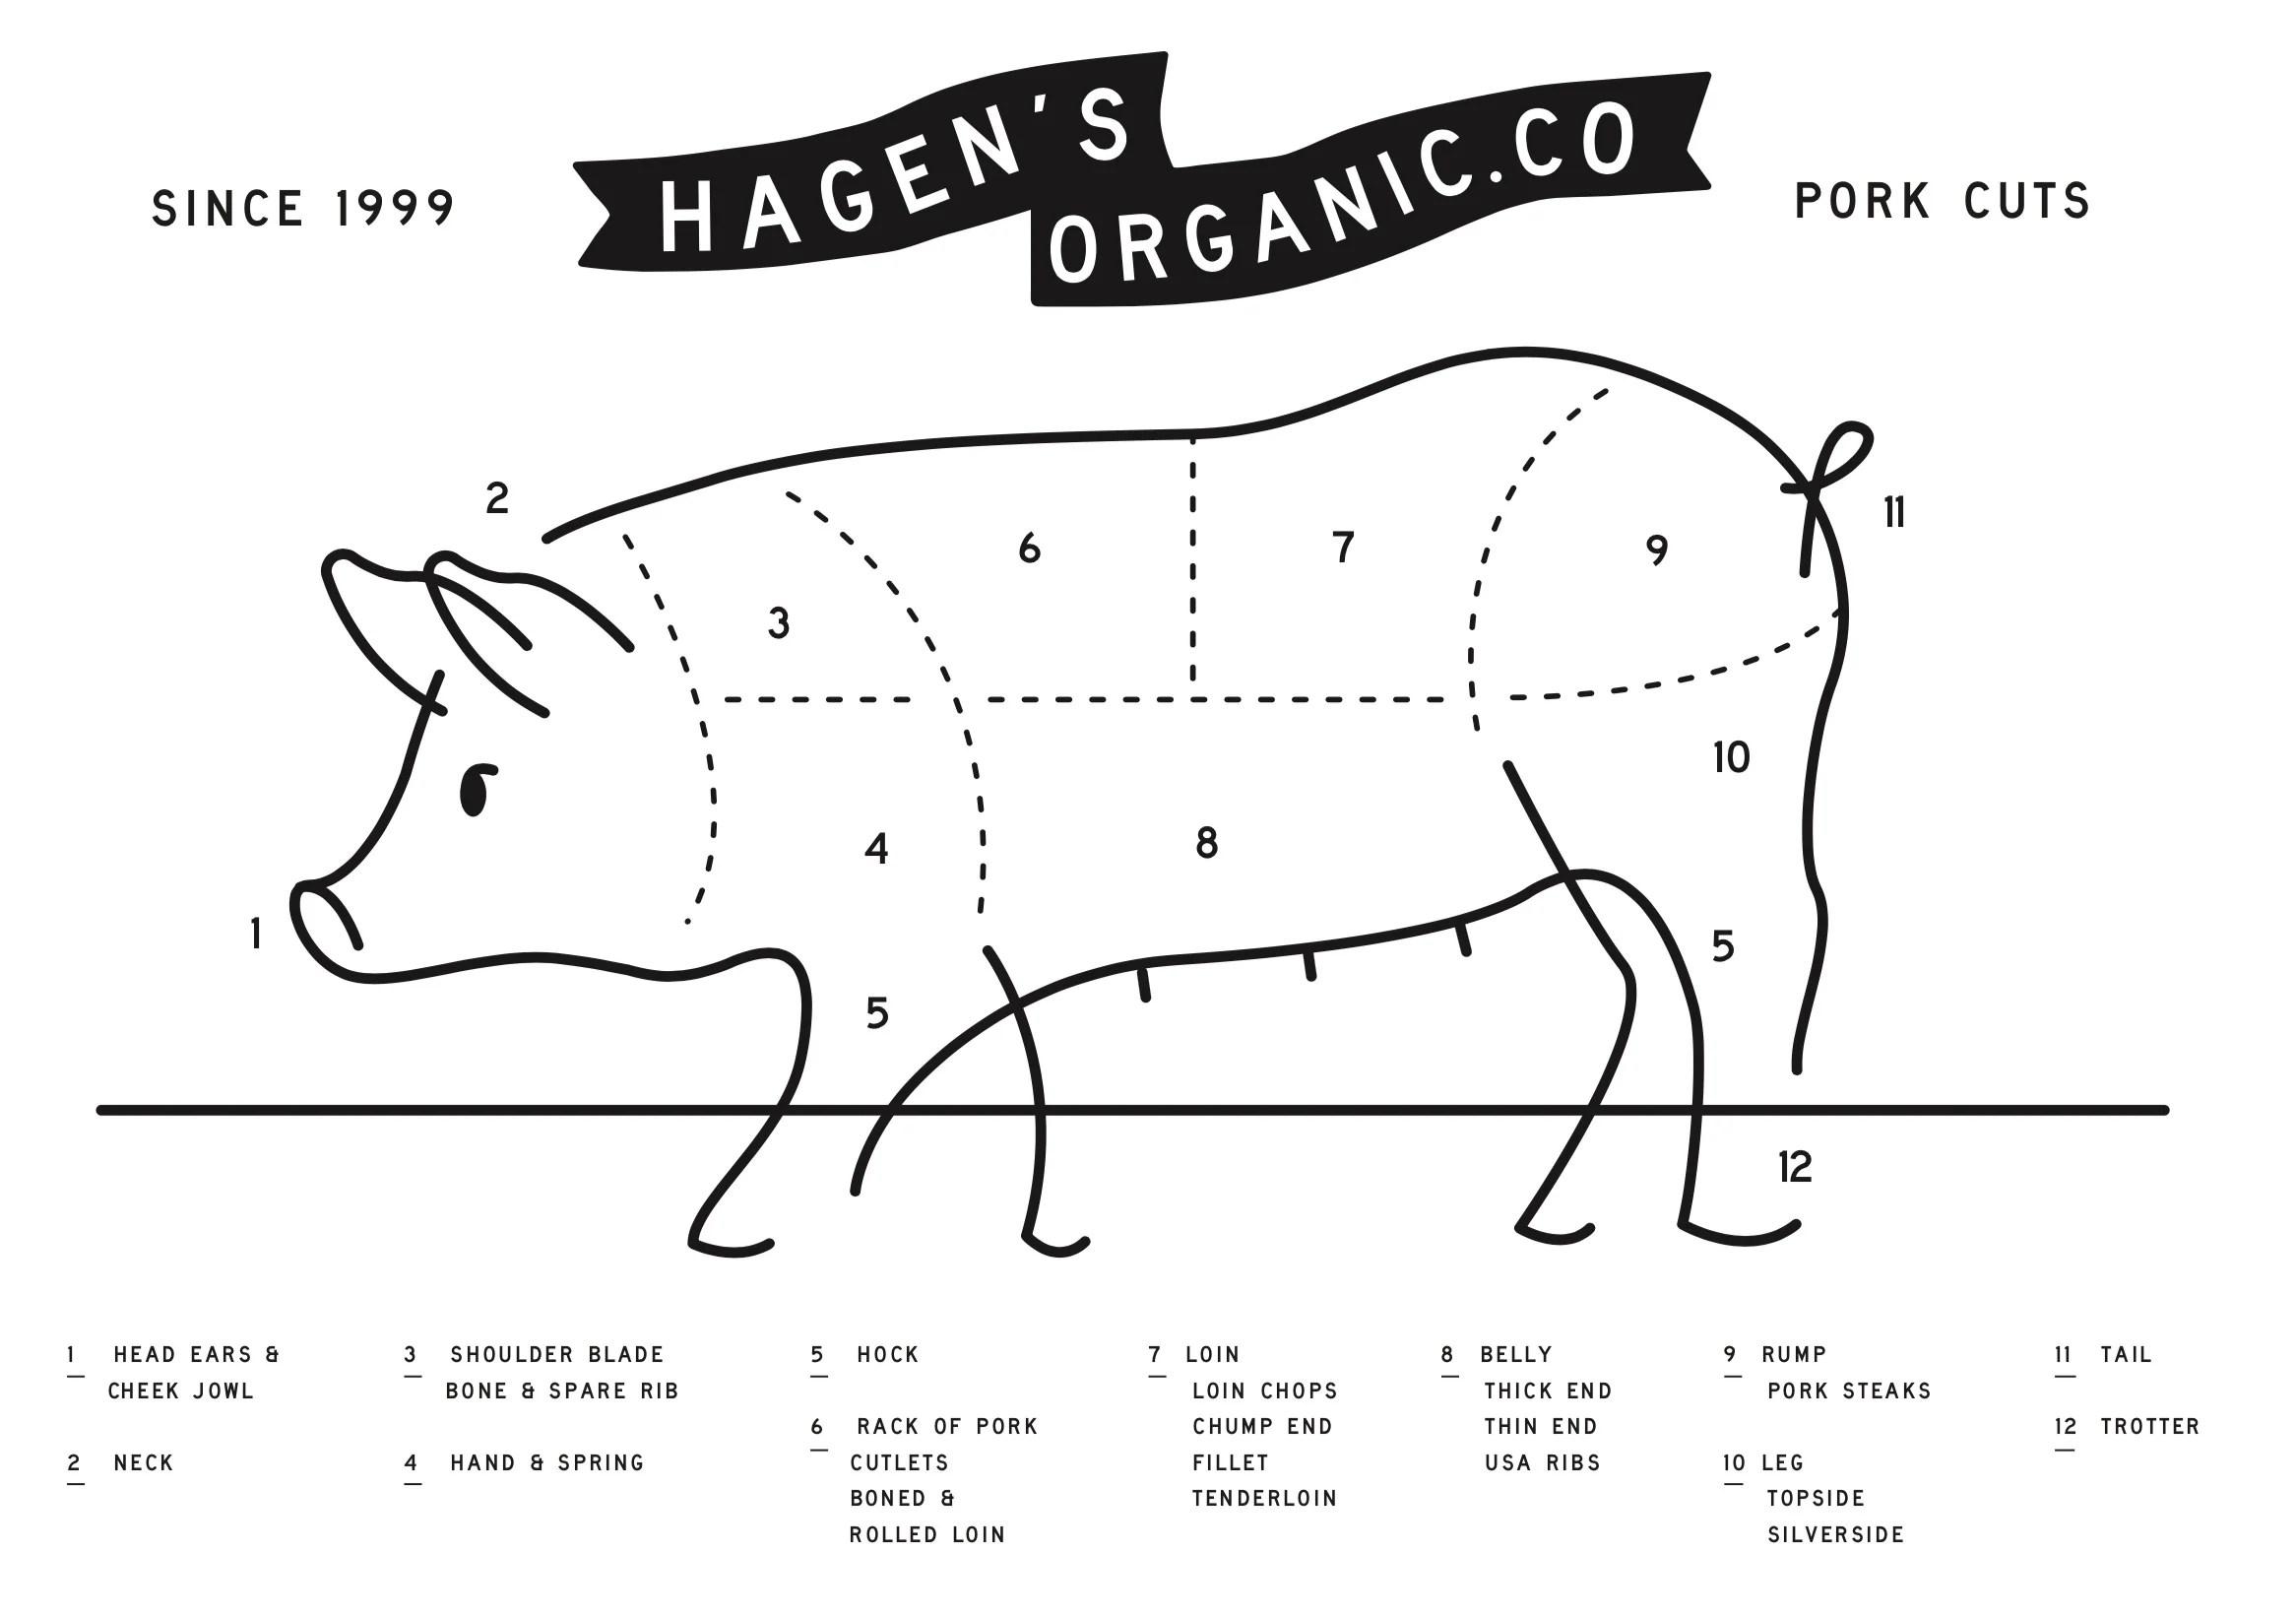 hight resolution of hagens organics pork cuts diagram jpg v 1552540843